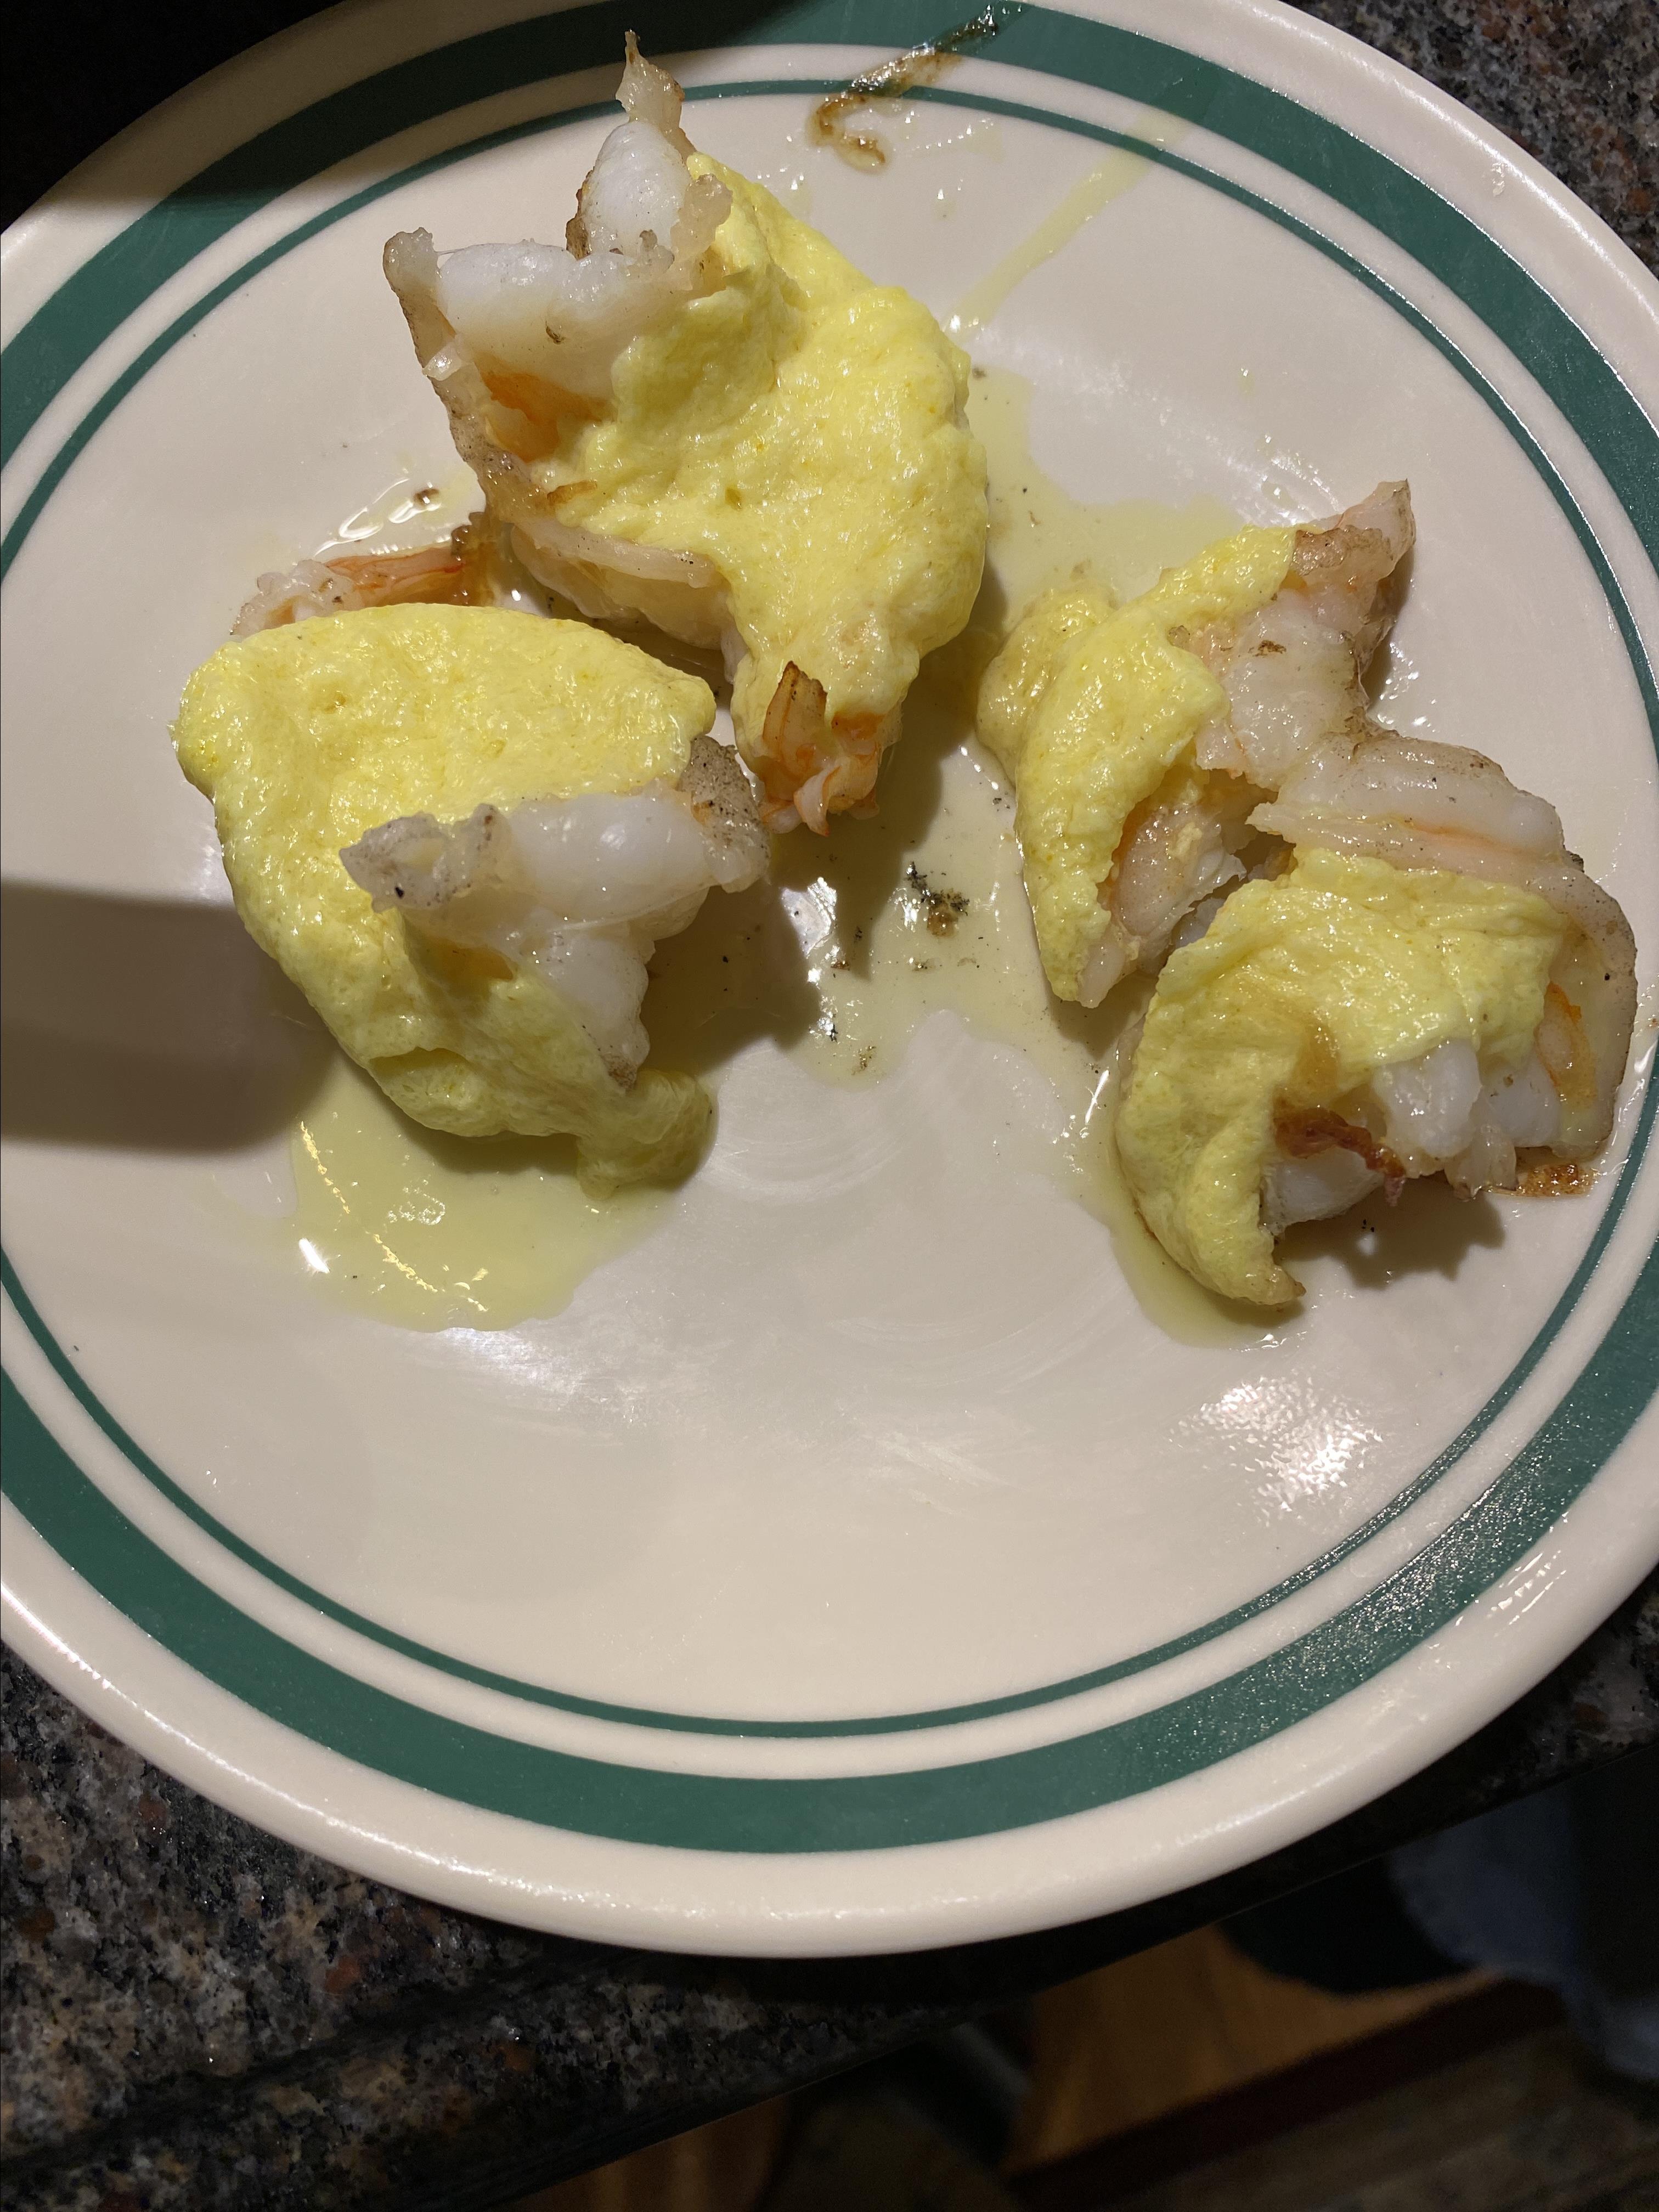 Japanese Steakhouse Golden Shrimp